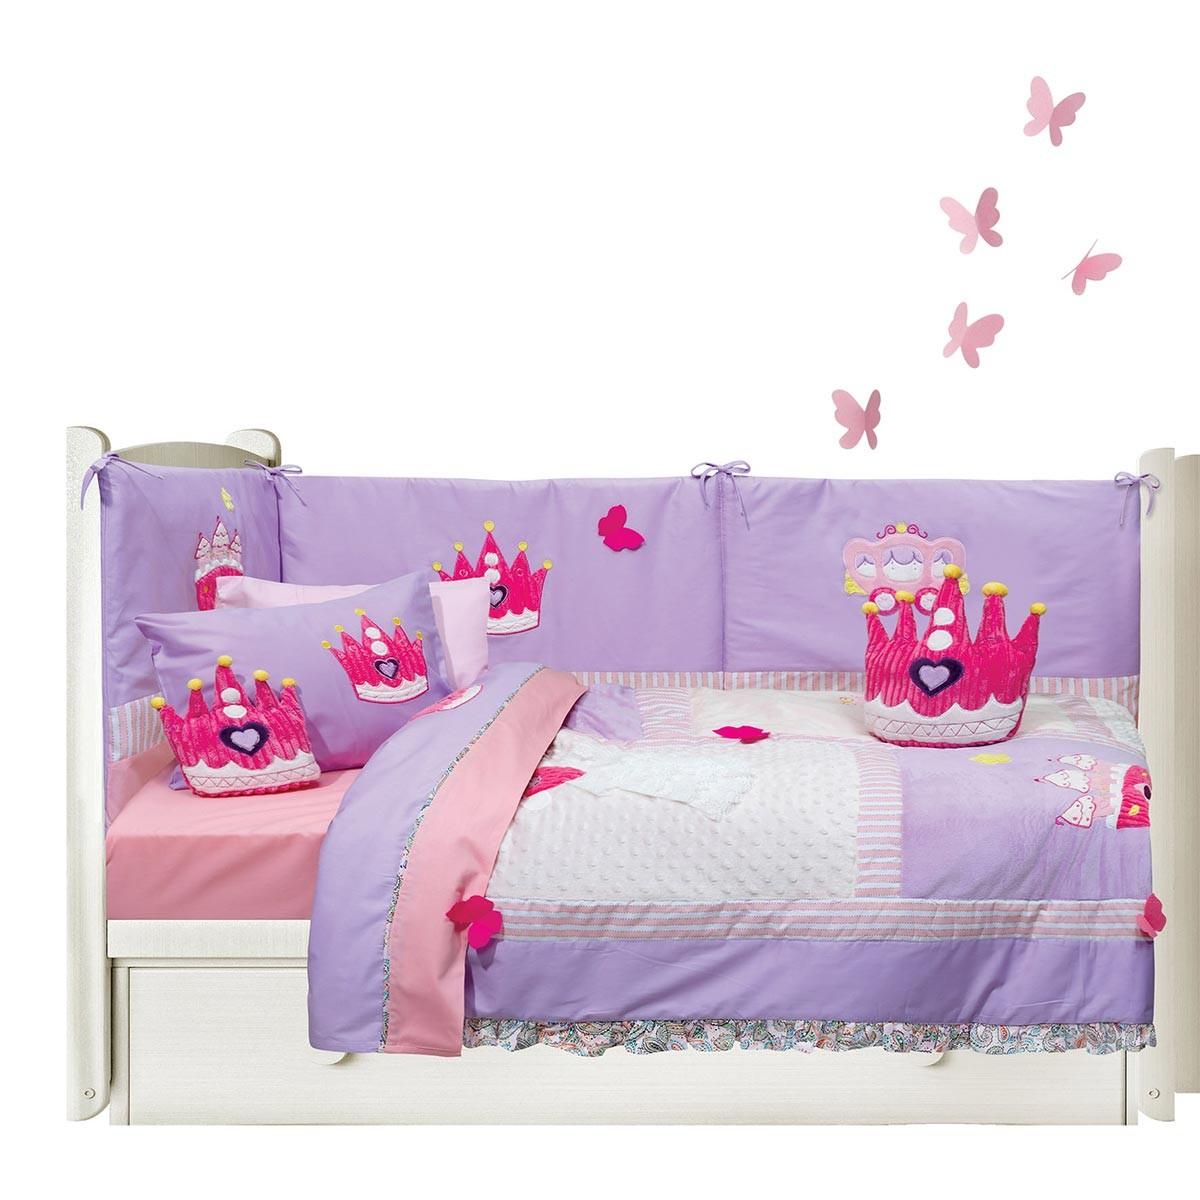 Σεντόνια Κούνιας (Σετ) Das Home Dream Embroidery 6398